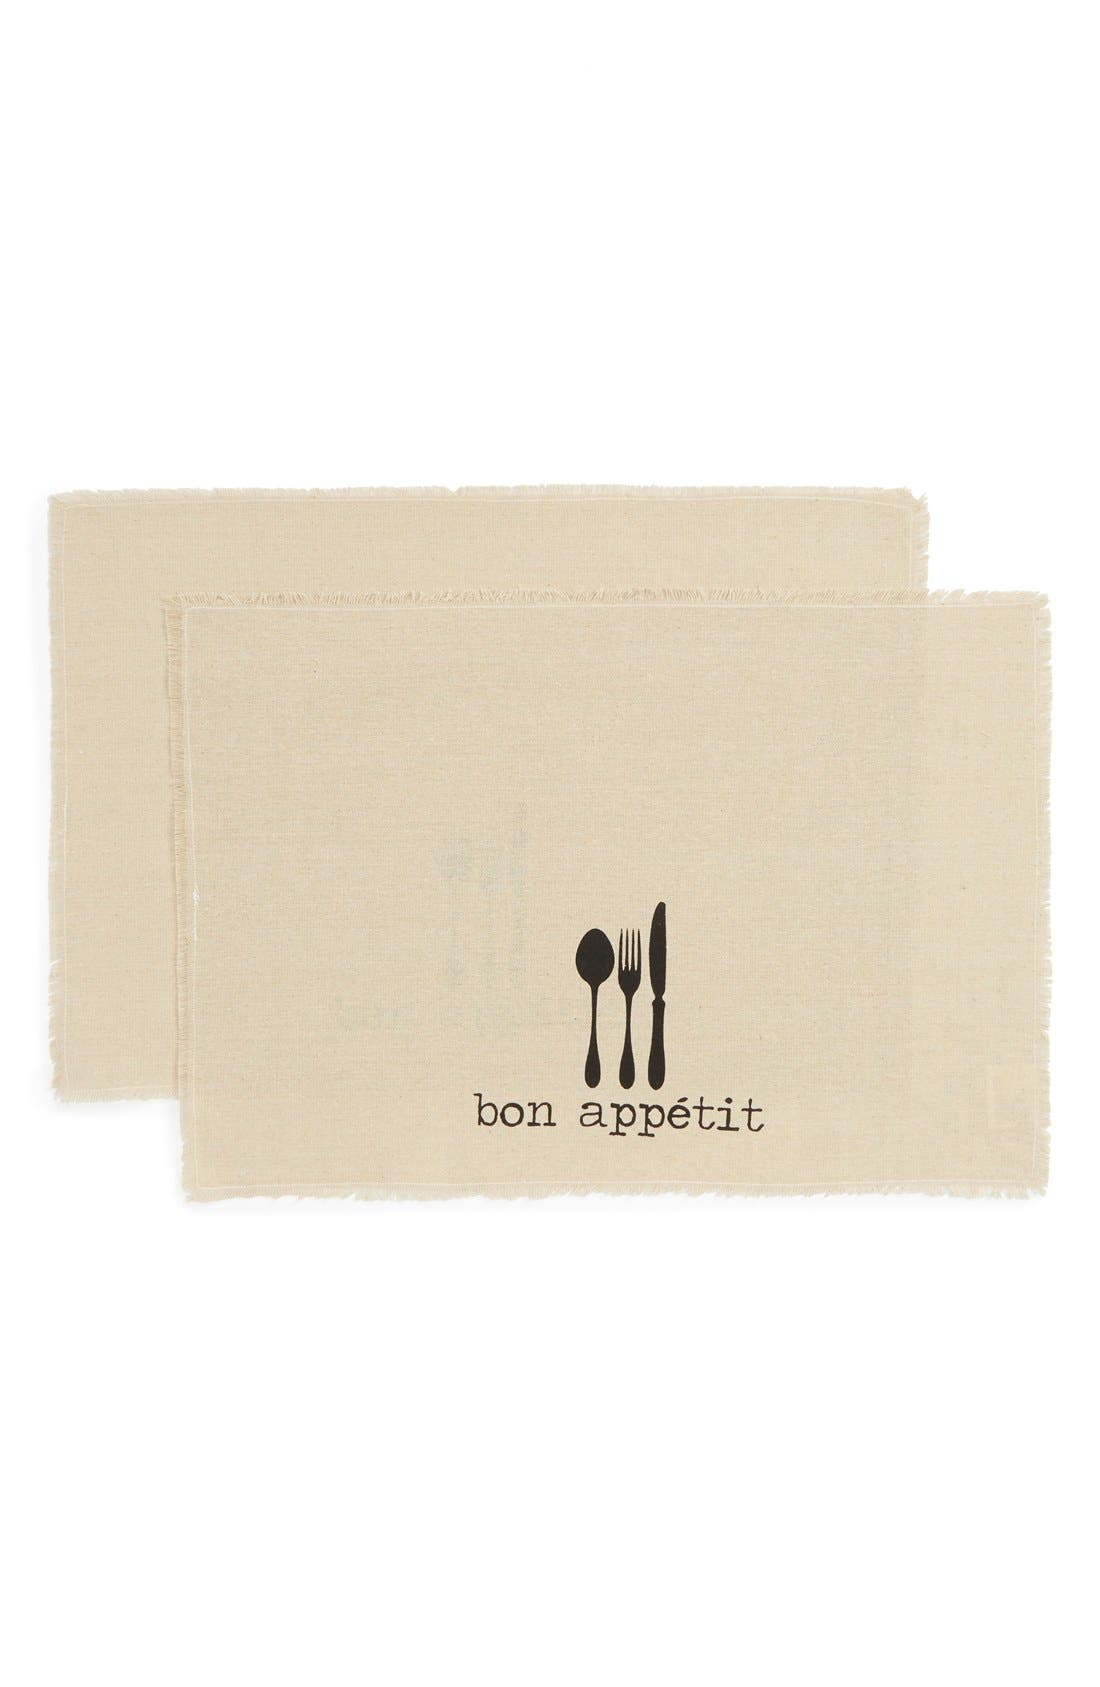 Main Image - Levtex 'Bon Appétit' Burlap Placemats (Set of 2)